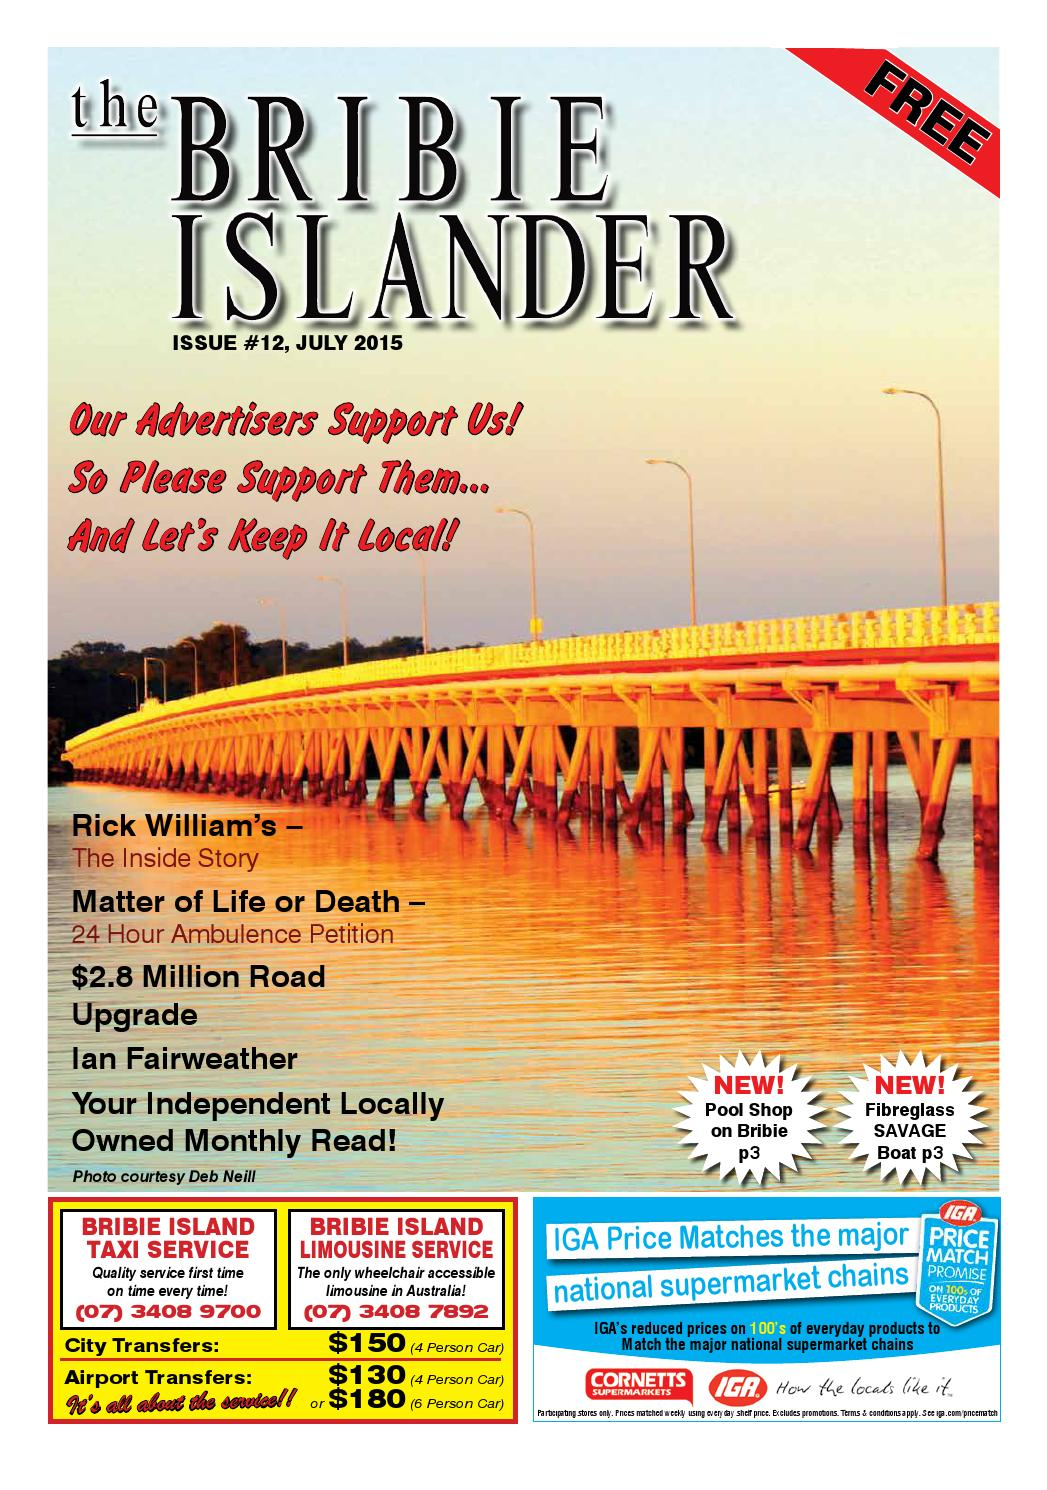 The Bribie Islander Issue 12 July 2015 by The Bribie ...